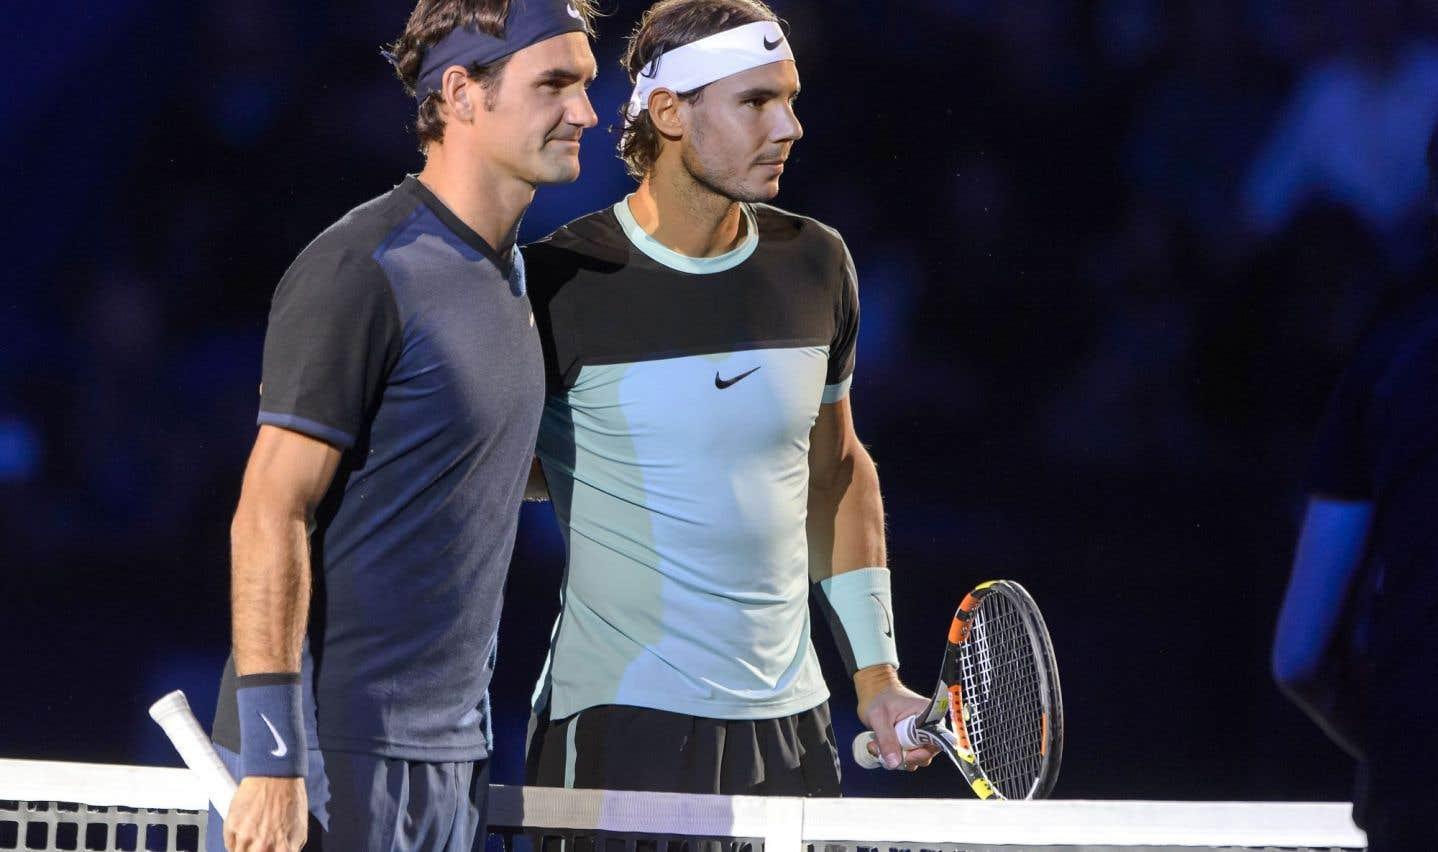 Une finale rêvée aux accents vintage entre Nadal et Federer